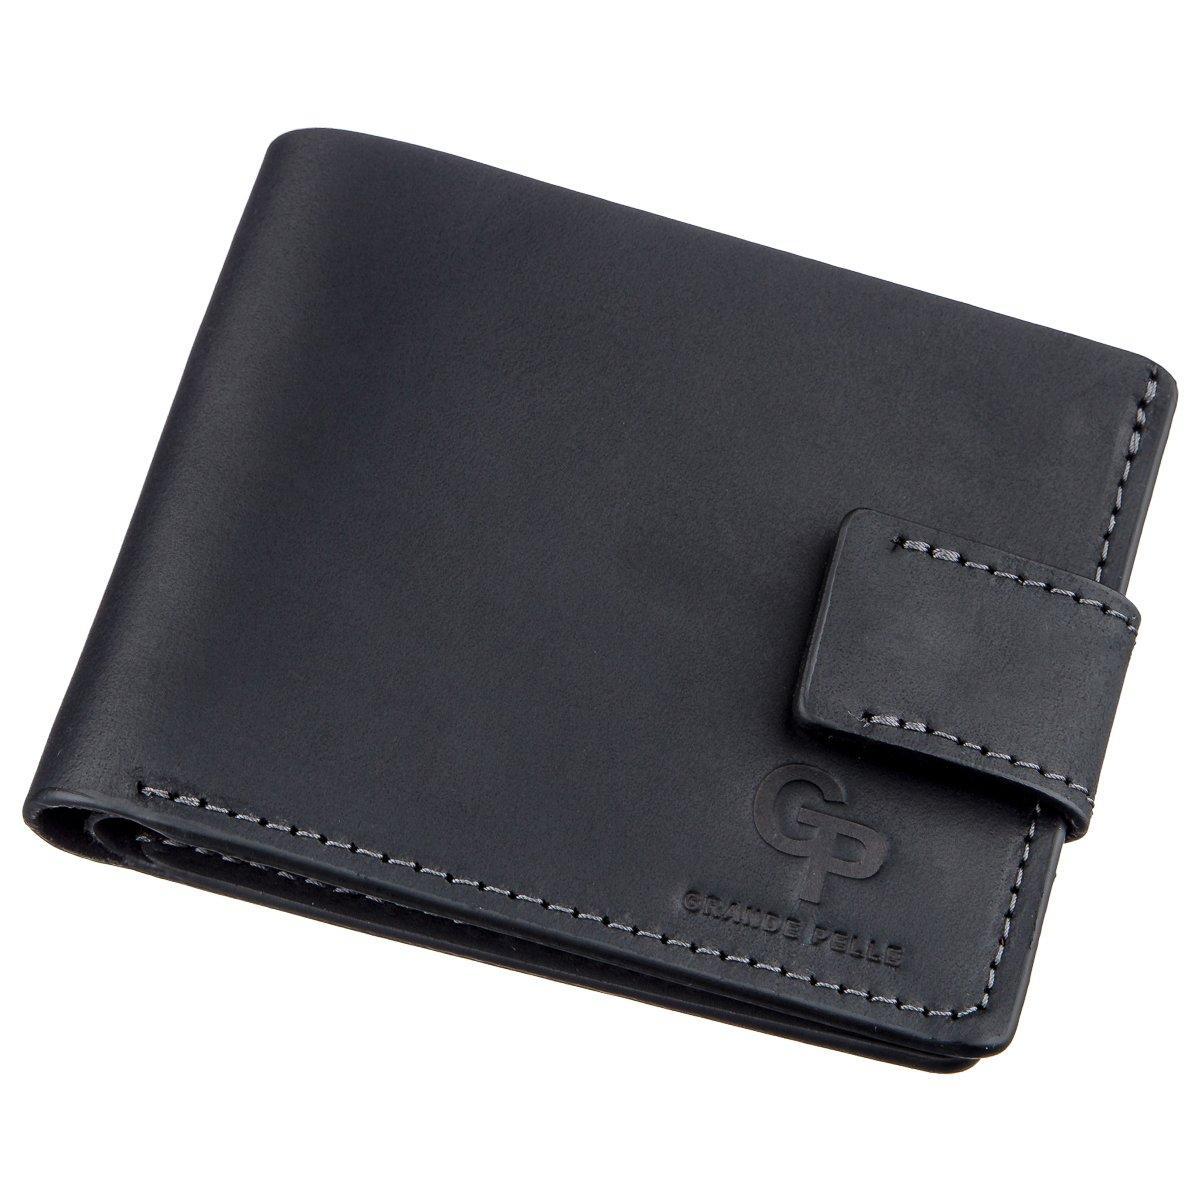 Тонке шкіряне портмоне унісекс GRANDE PELLE 11219 Чорне